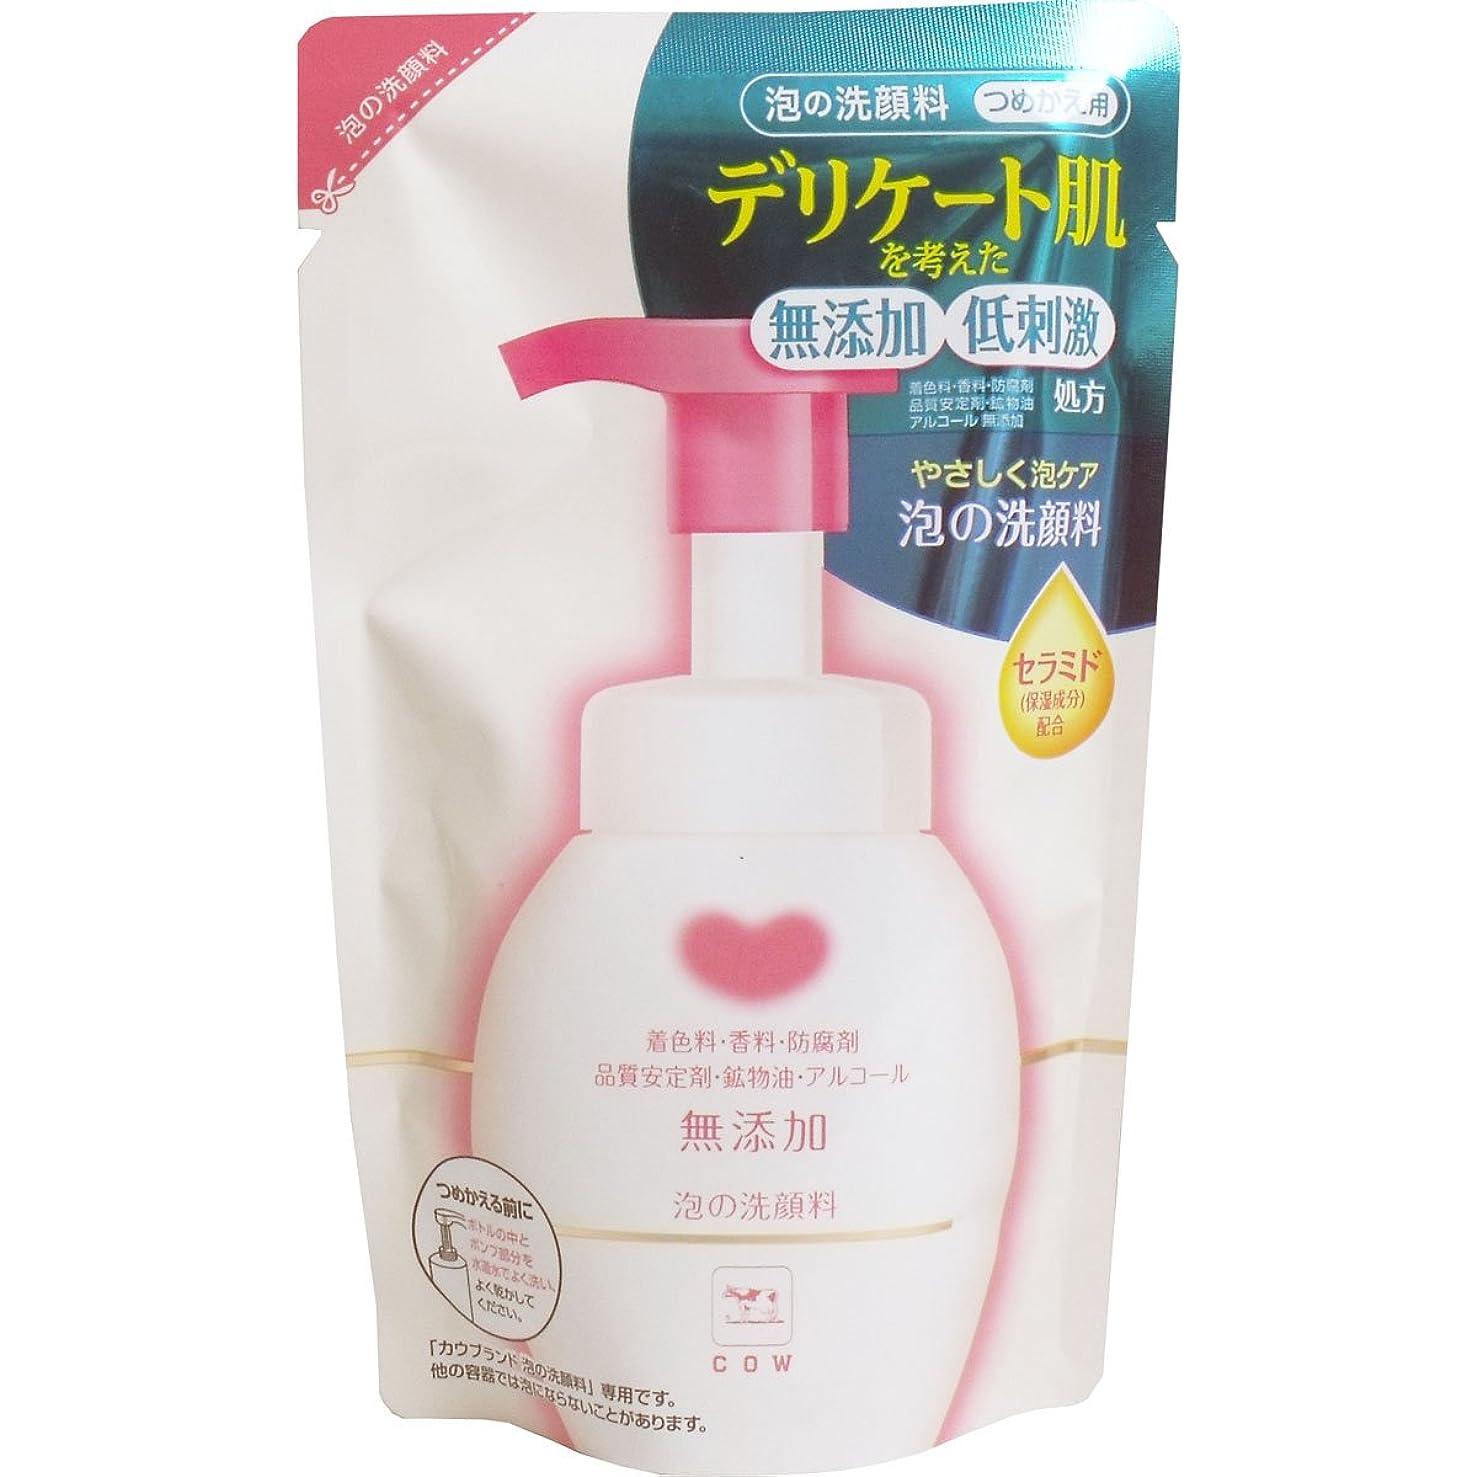 みなす水銀の合成【まとめ買い】カウブランド 無添加泡の洗顔料 詰替用 180ML ×2セット